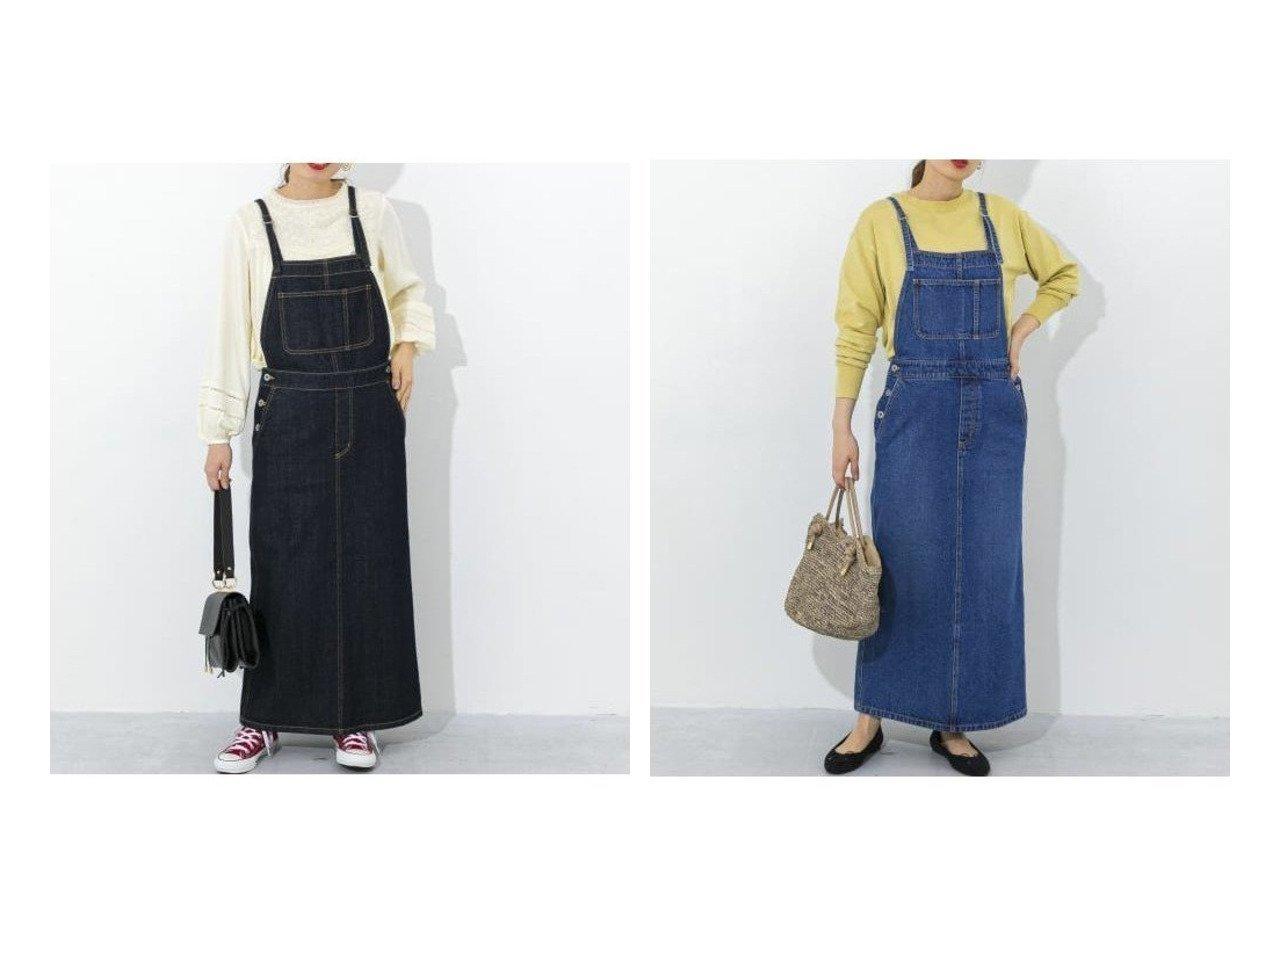 【Sonny Label / URBAN RESEARCH/サニーレーベル】のデニムロングジャンパースカート 【スカート】おすすめ!人気トレンド・レディースファッションの通販  おすすめで人気の流行・トレンド、ファッションの通販商品 メンズファッション・キッズファッション・インテリア・家具・レディースファッション・服の通販 founy(ファニー) https://founy.com/ ファッション Fashion レディースファッション WOMEN スカート Skirt ポケット  ID:crp329100000030914